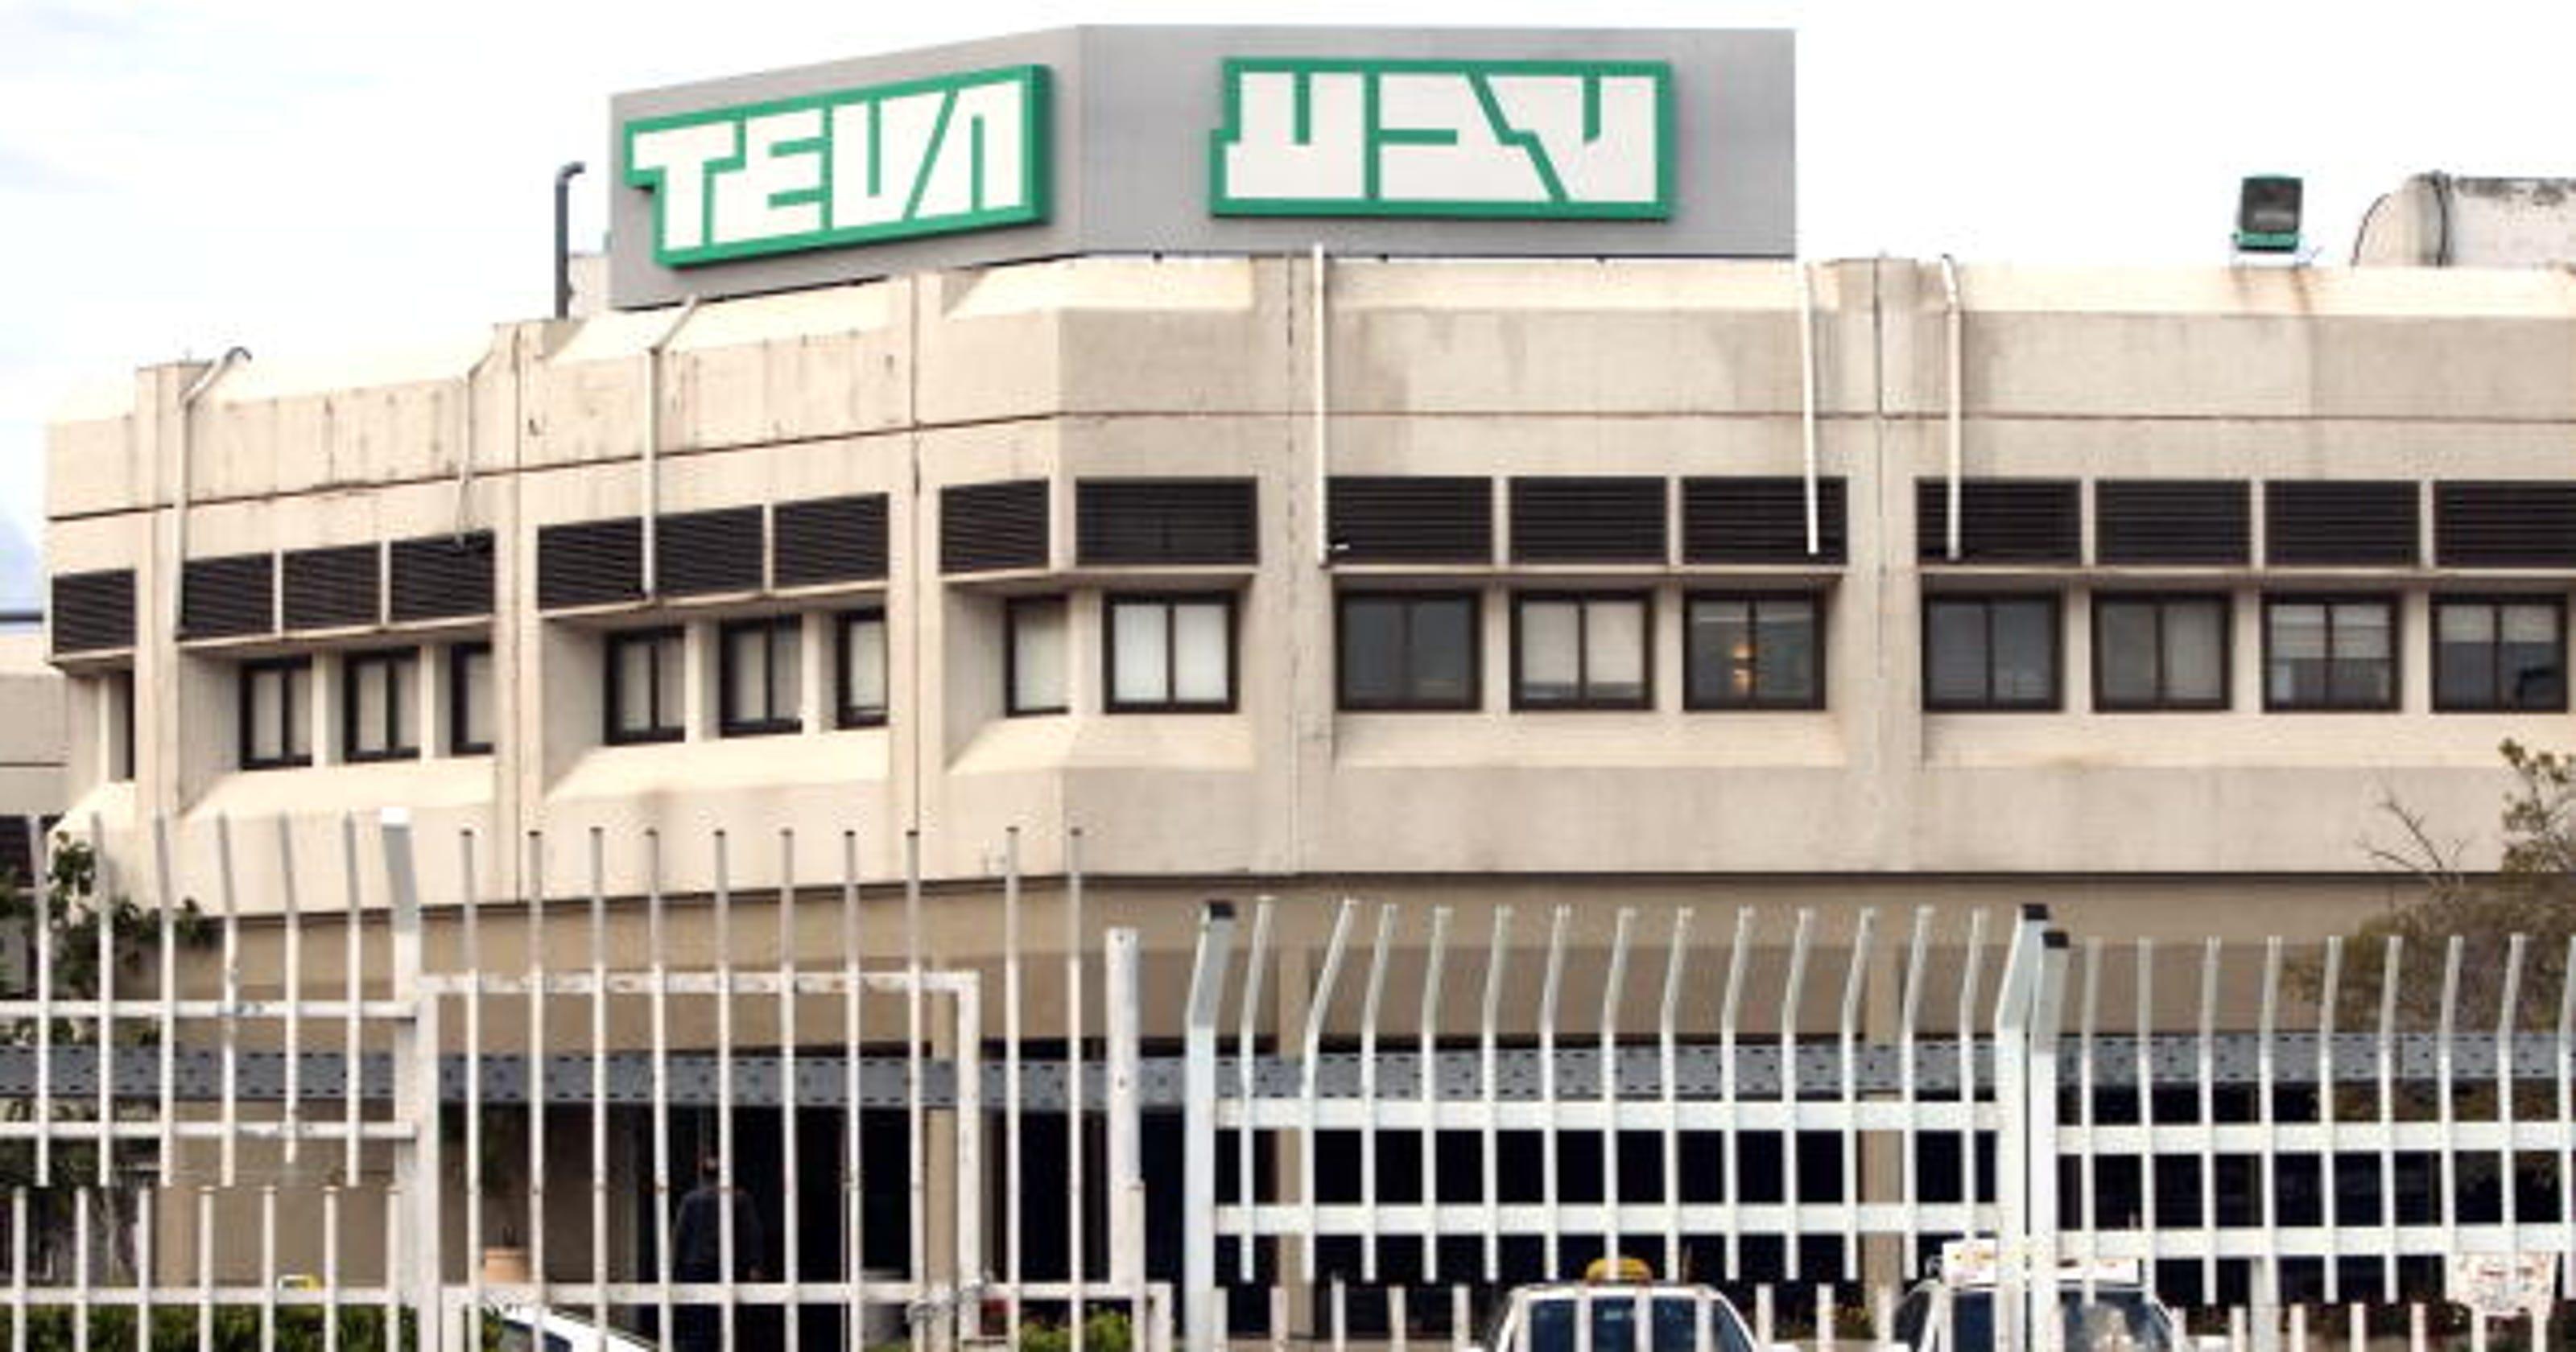 60232b154f30 Teva Pharma plans to cut about 5